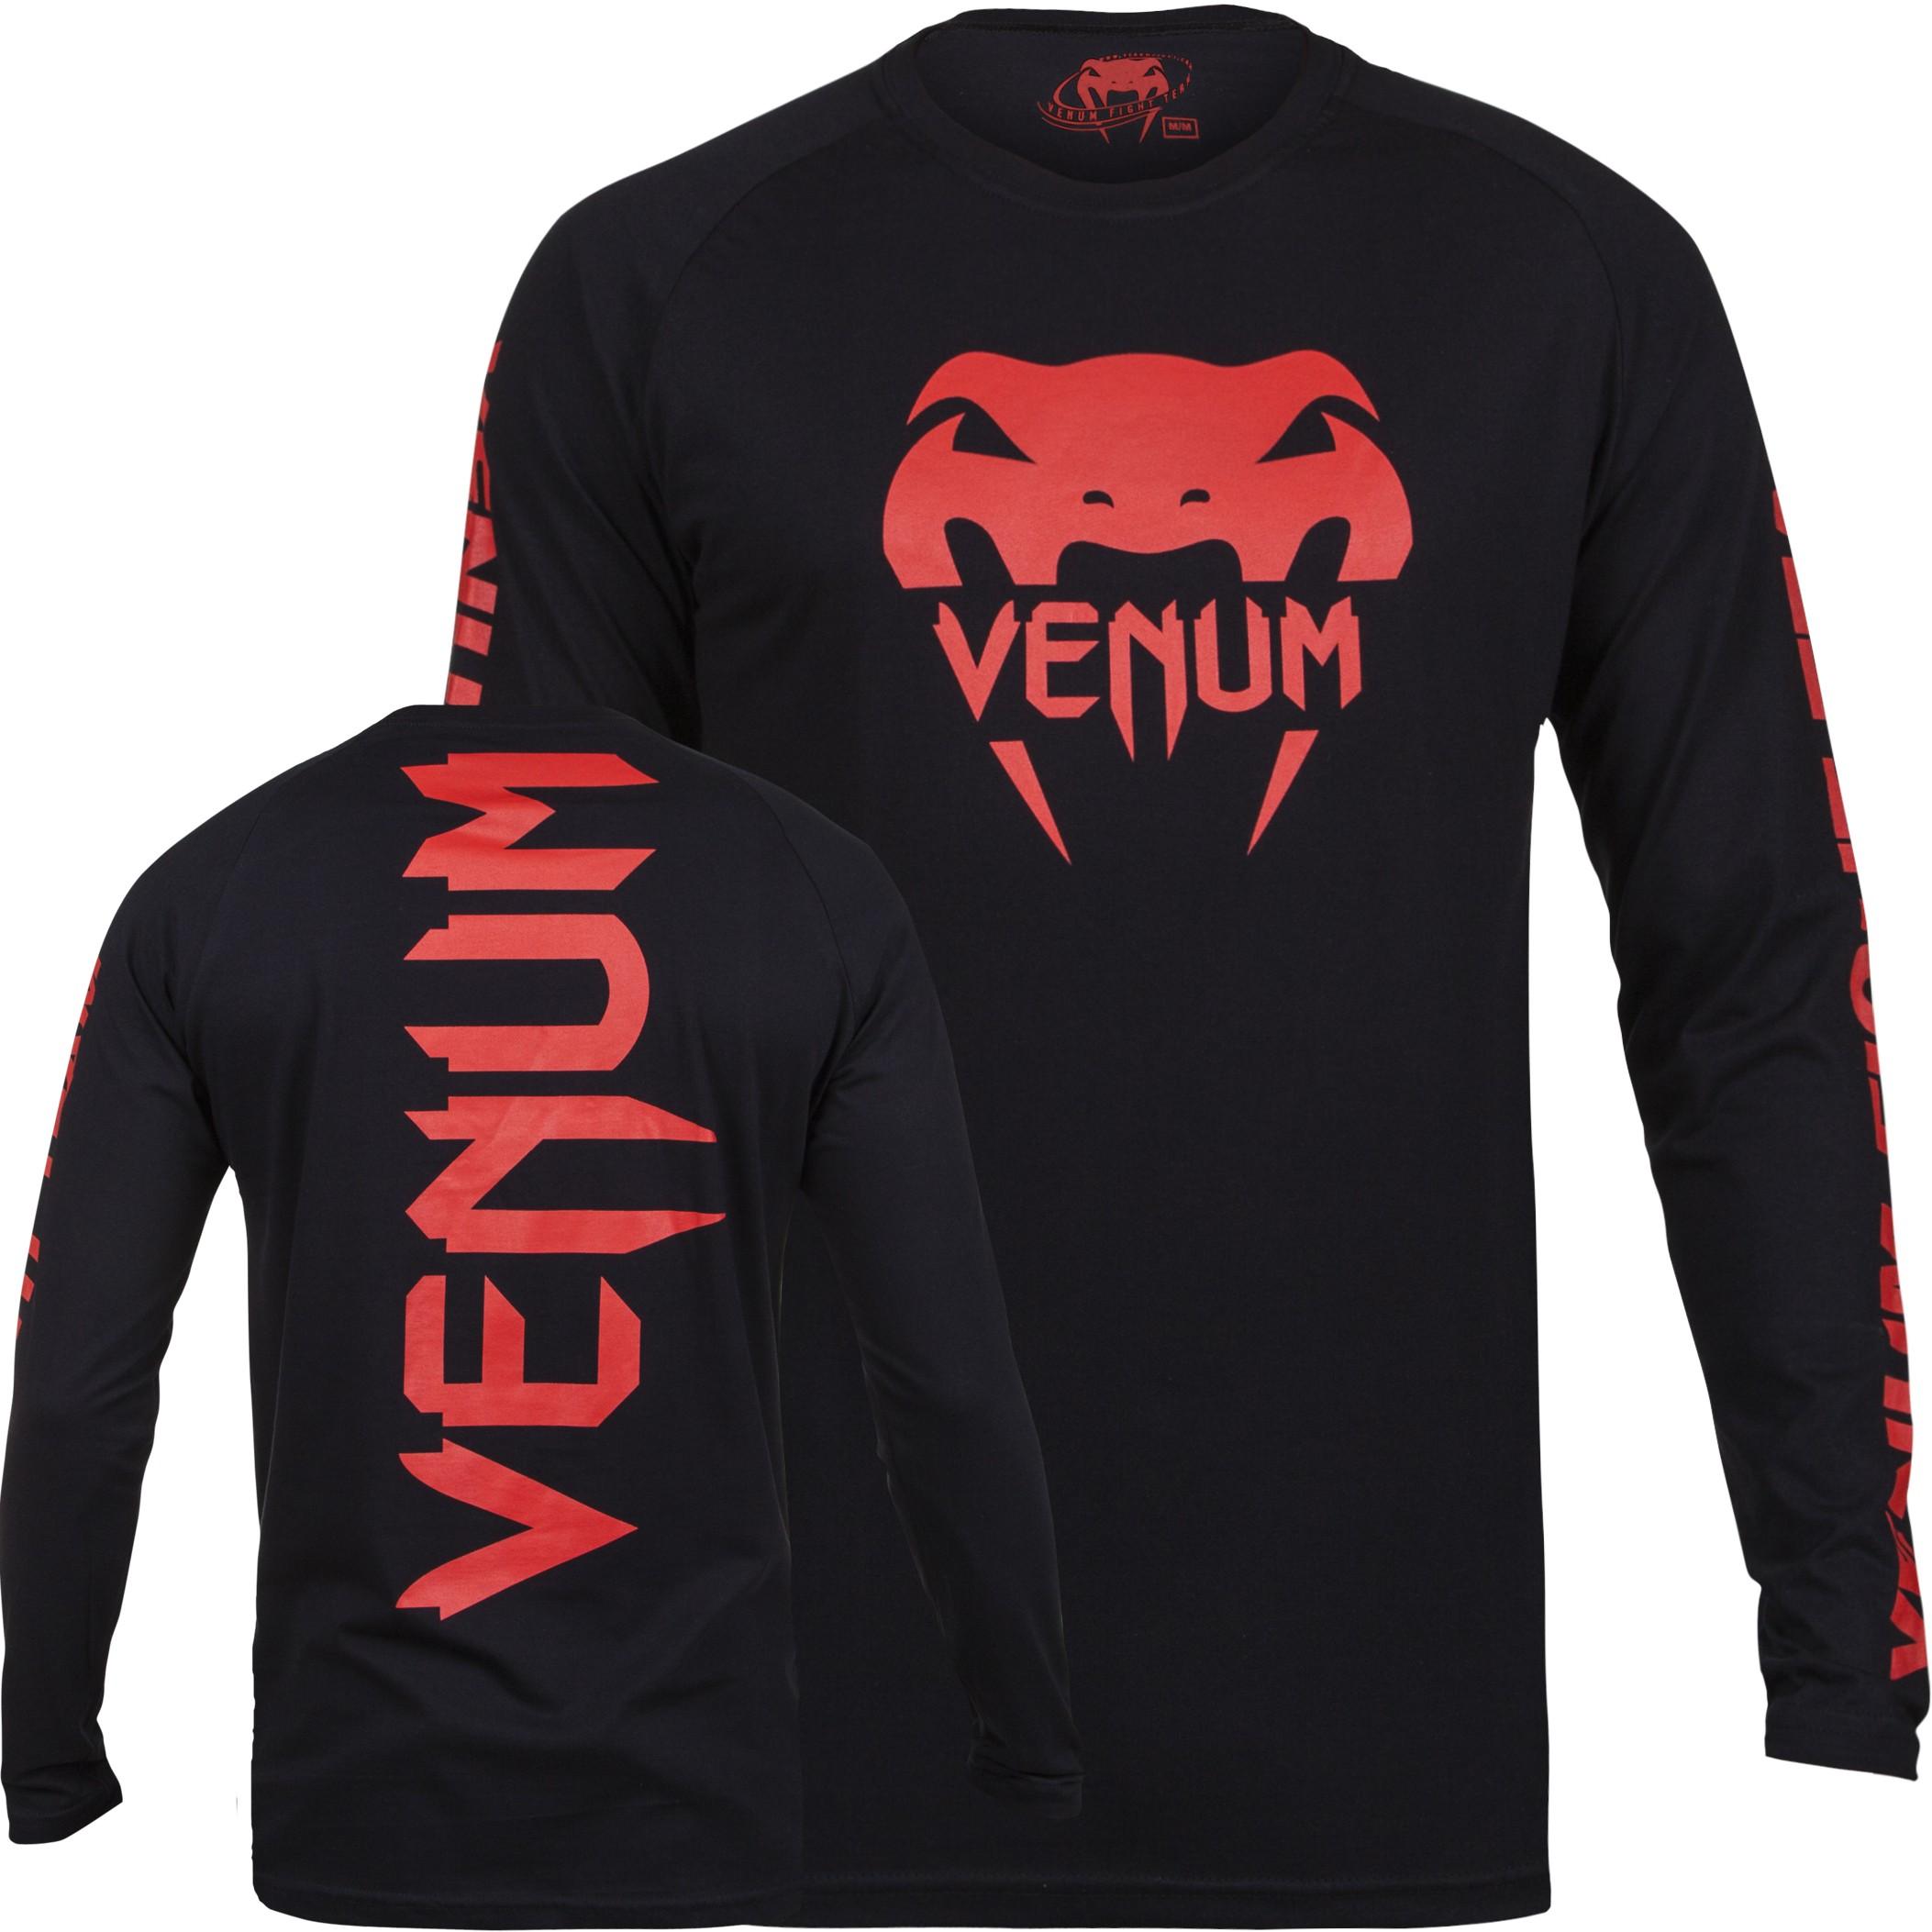 Футболка мужская MMA Venum Pro Team 2.0 UFC футболка мужская mma a5 venum shockwave 2 ufc tap out